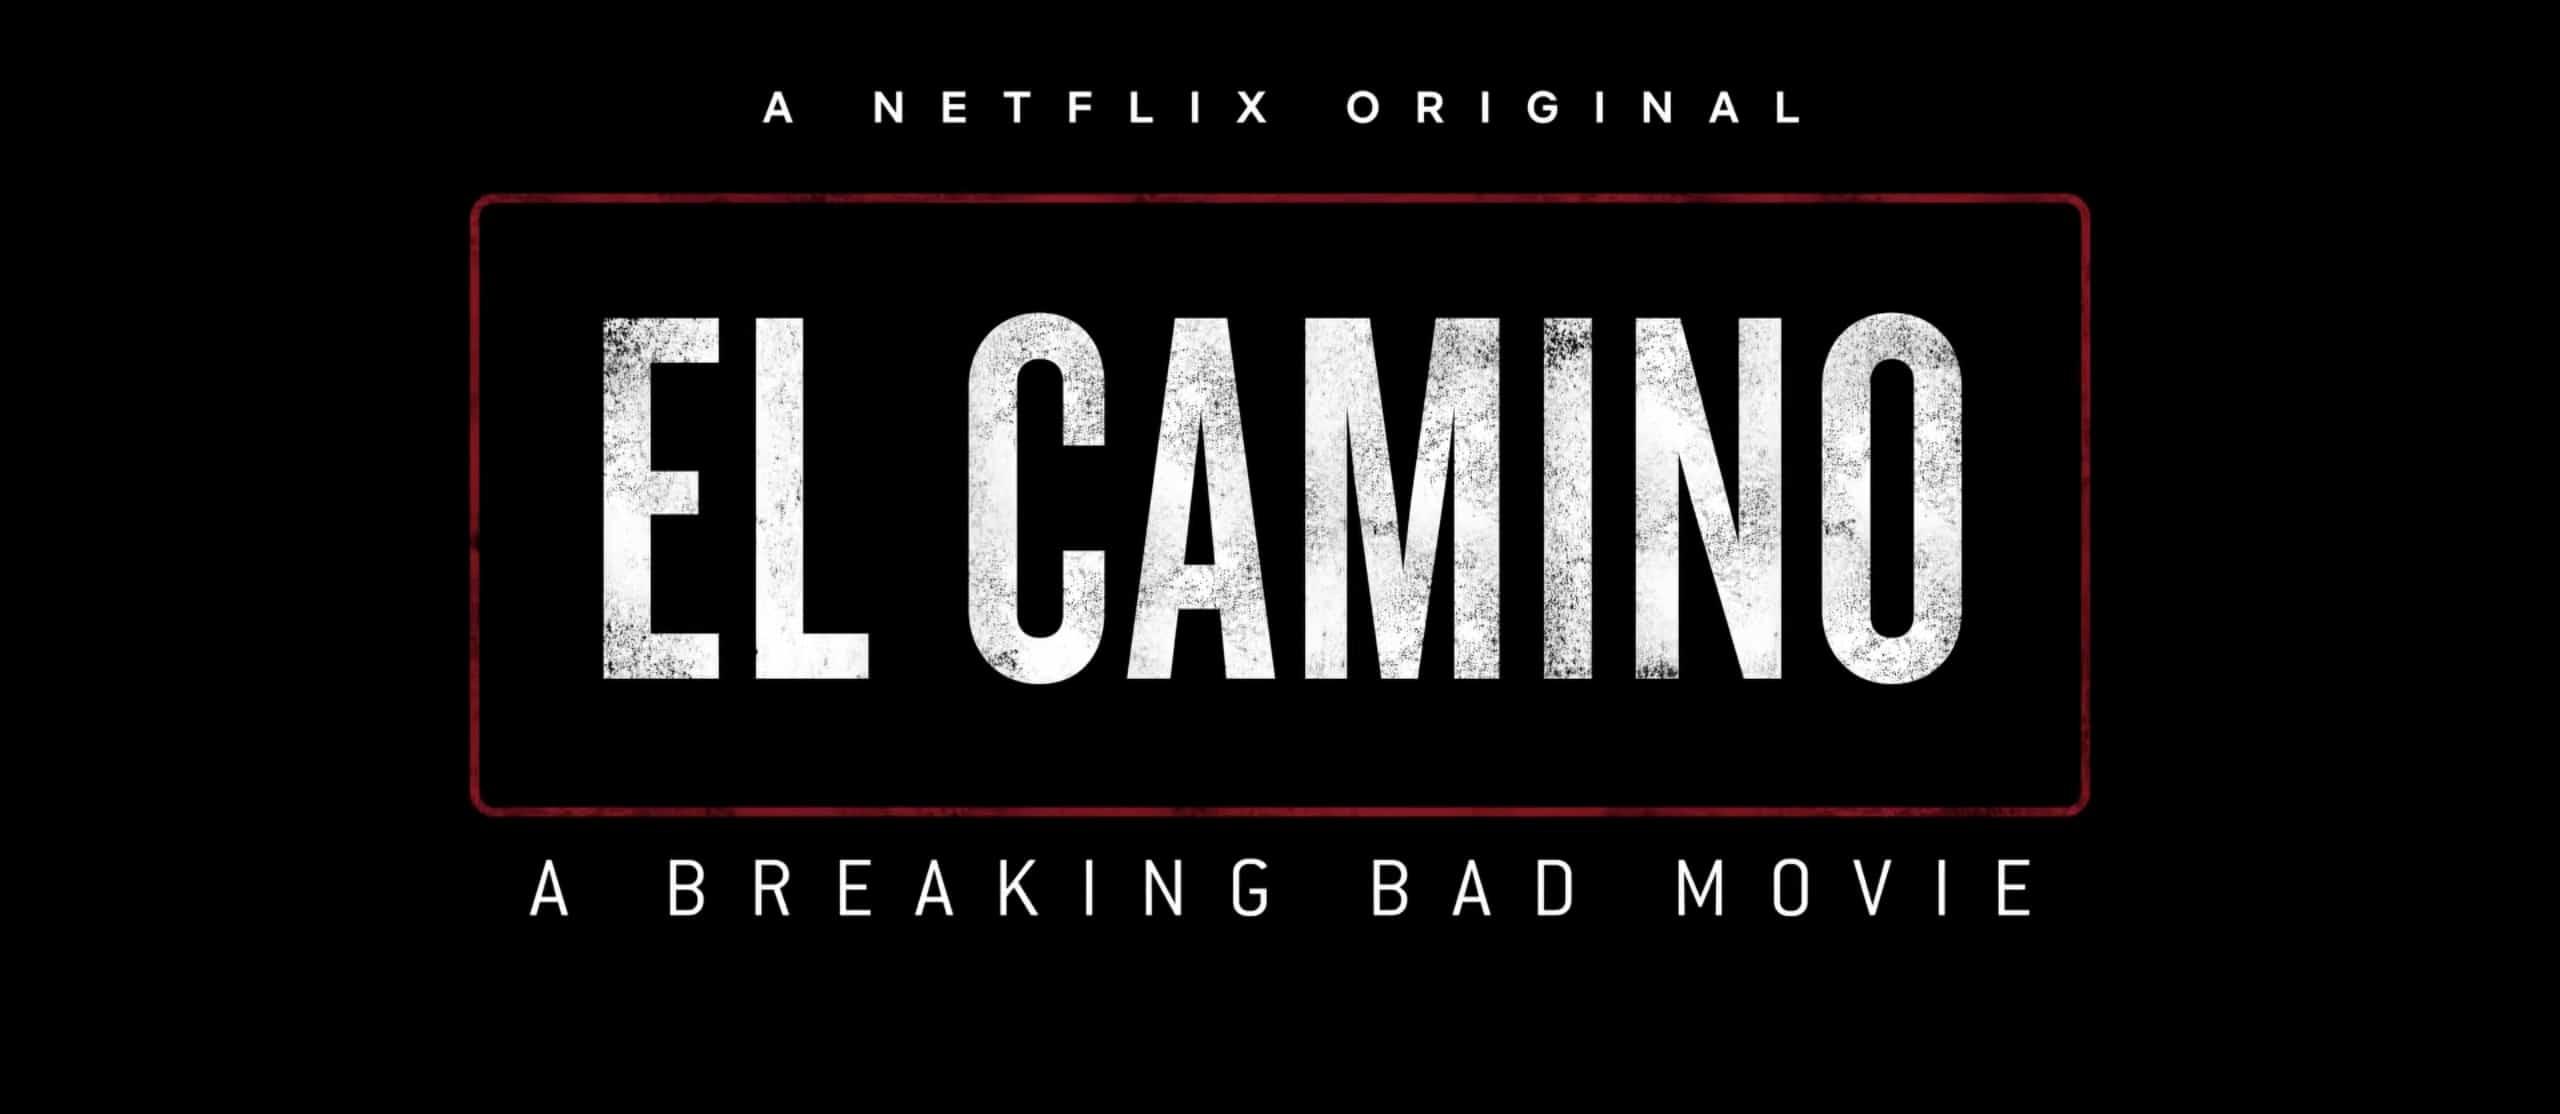 El Camino ne fera pas de séance de rattrapage pour ceux qui ont loupés Breaking Bad